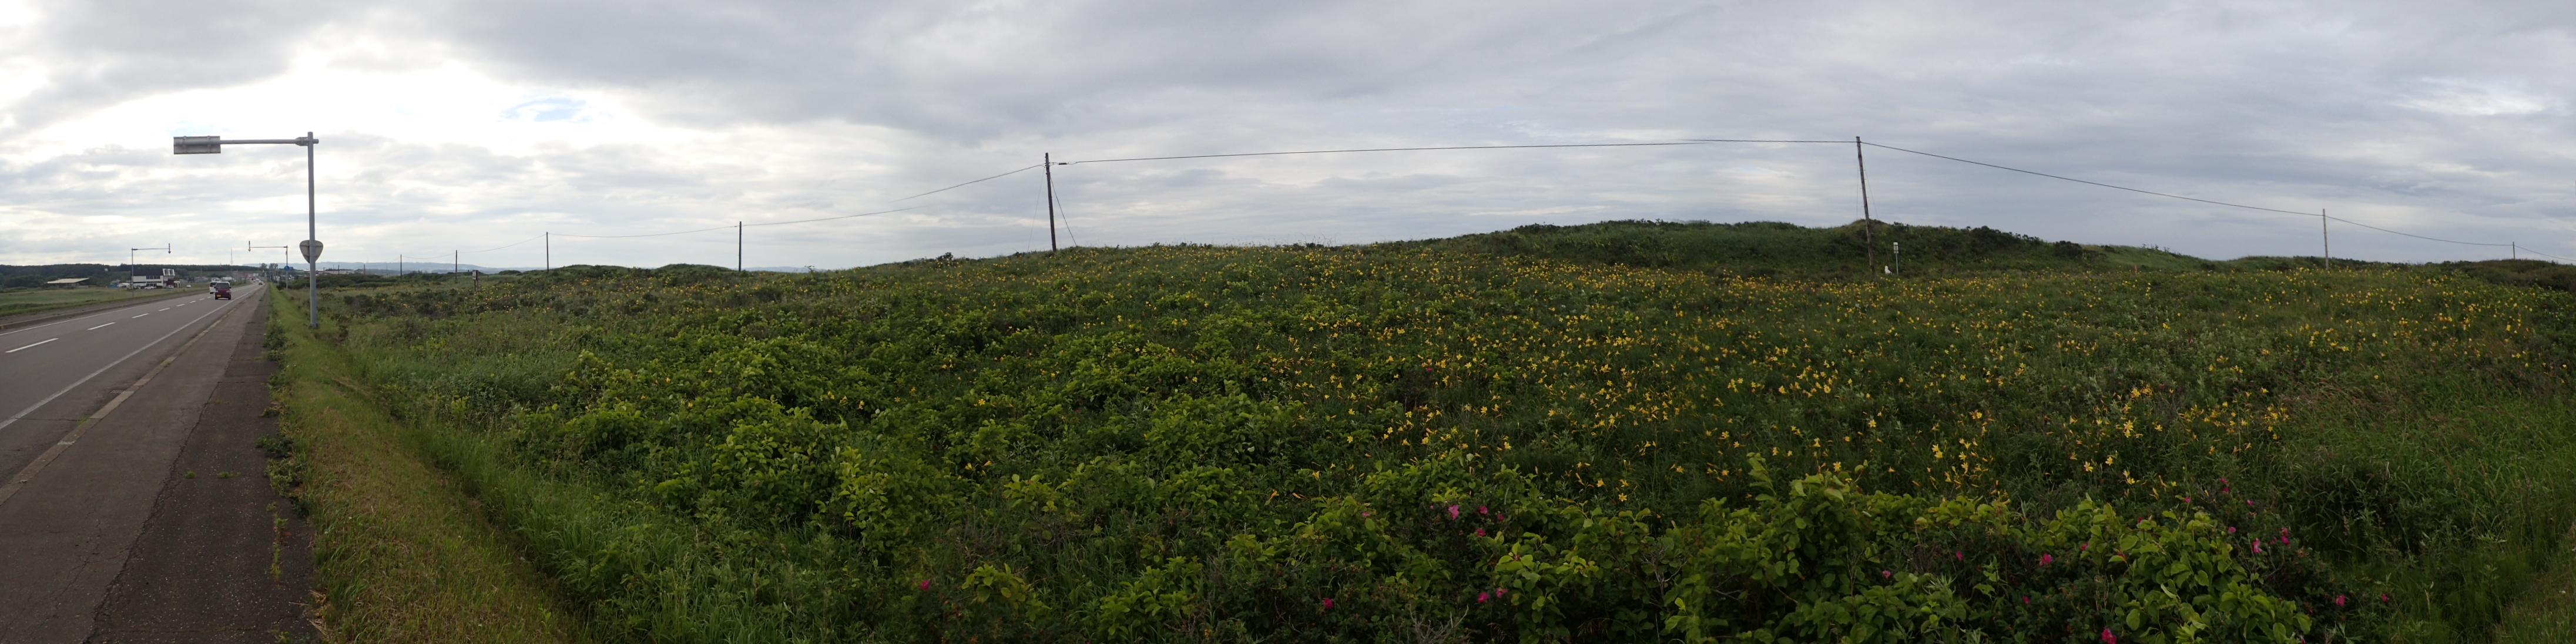 原生花園側から北浜への花園